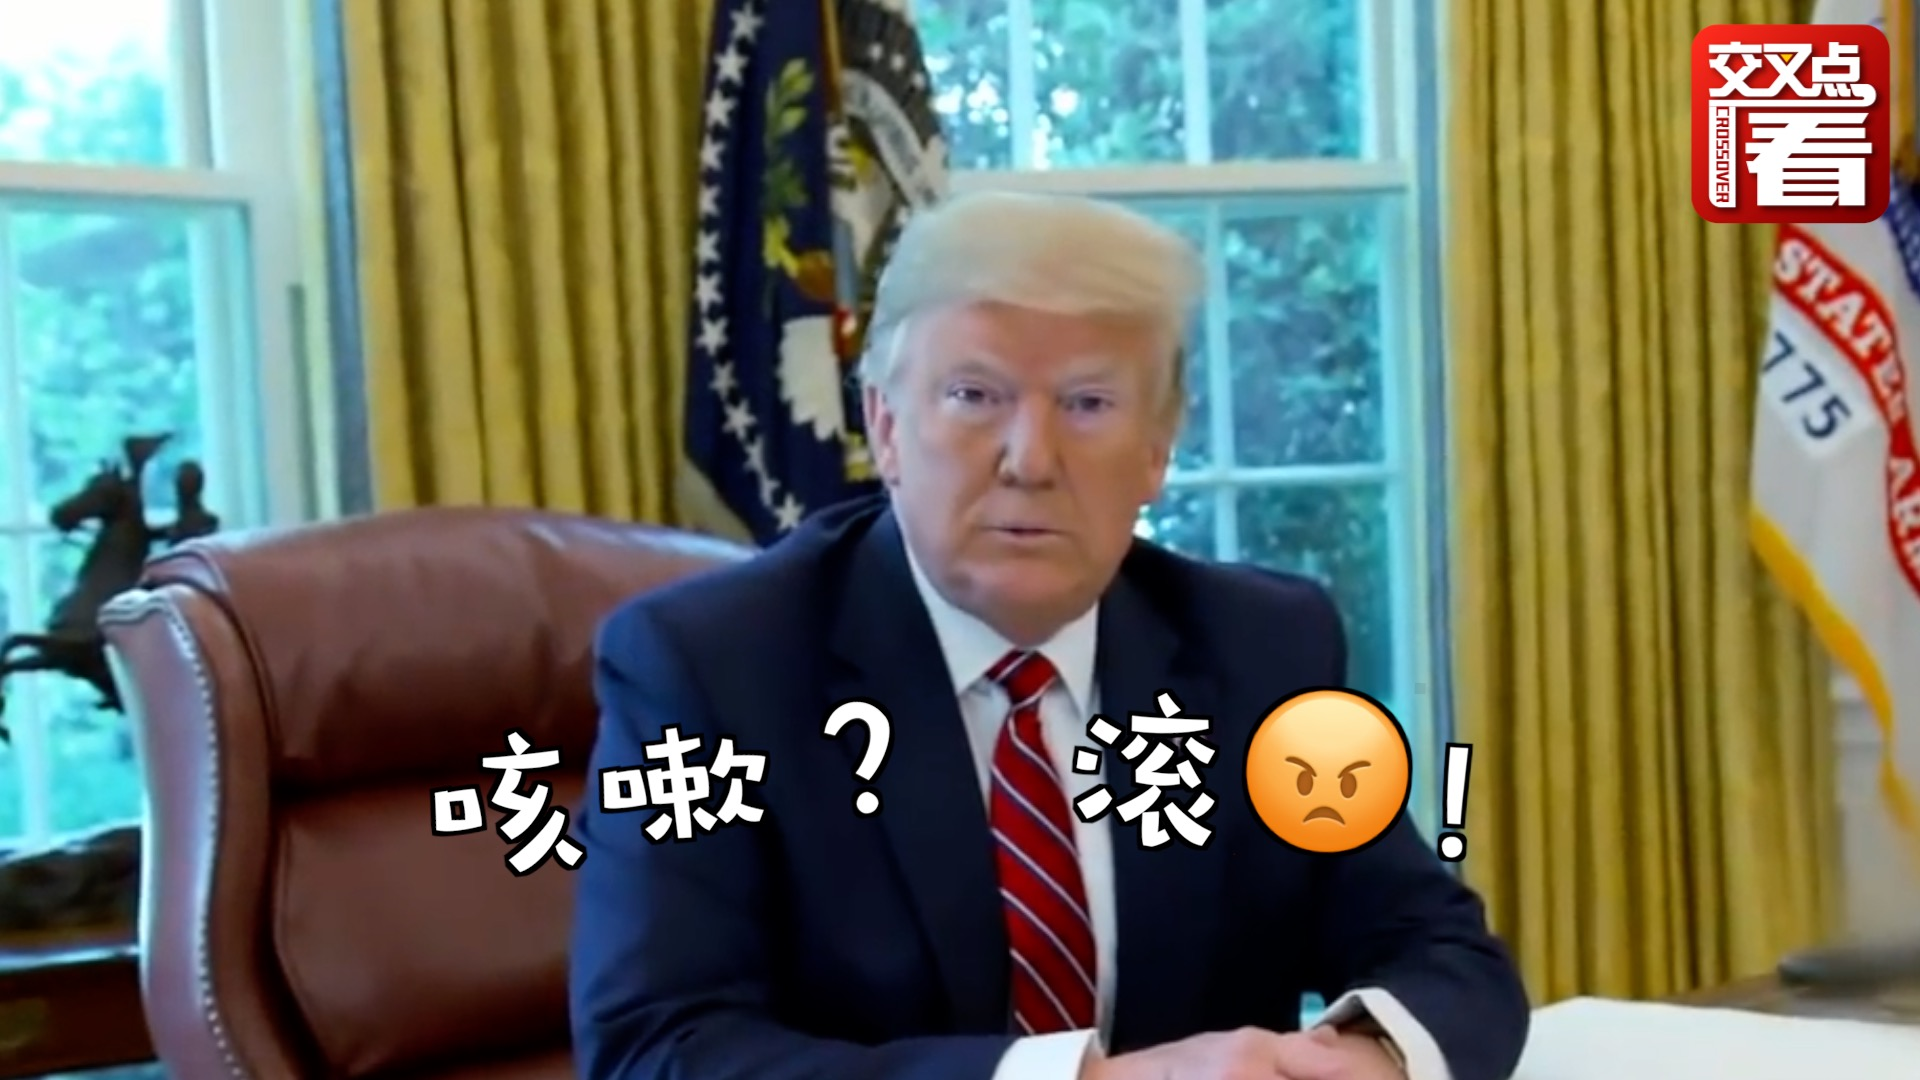 特朗普受访时朝白宫高官发飙:别咳嗽了!出去!